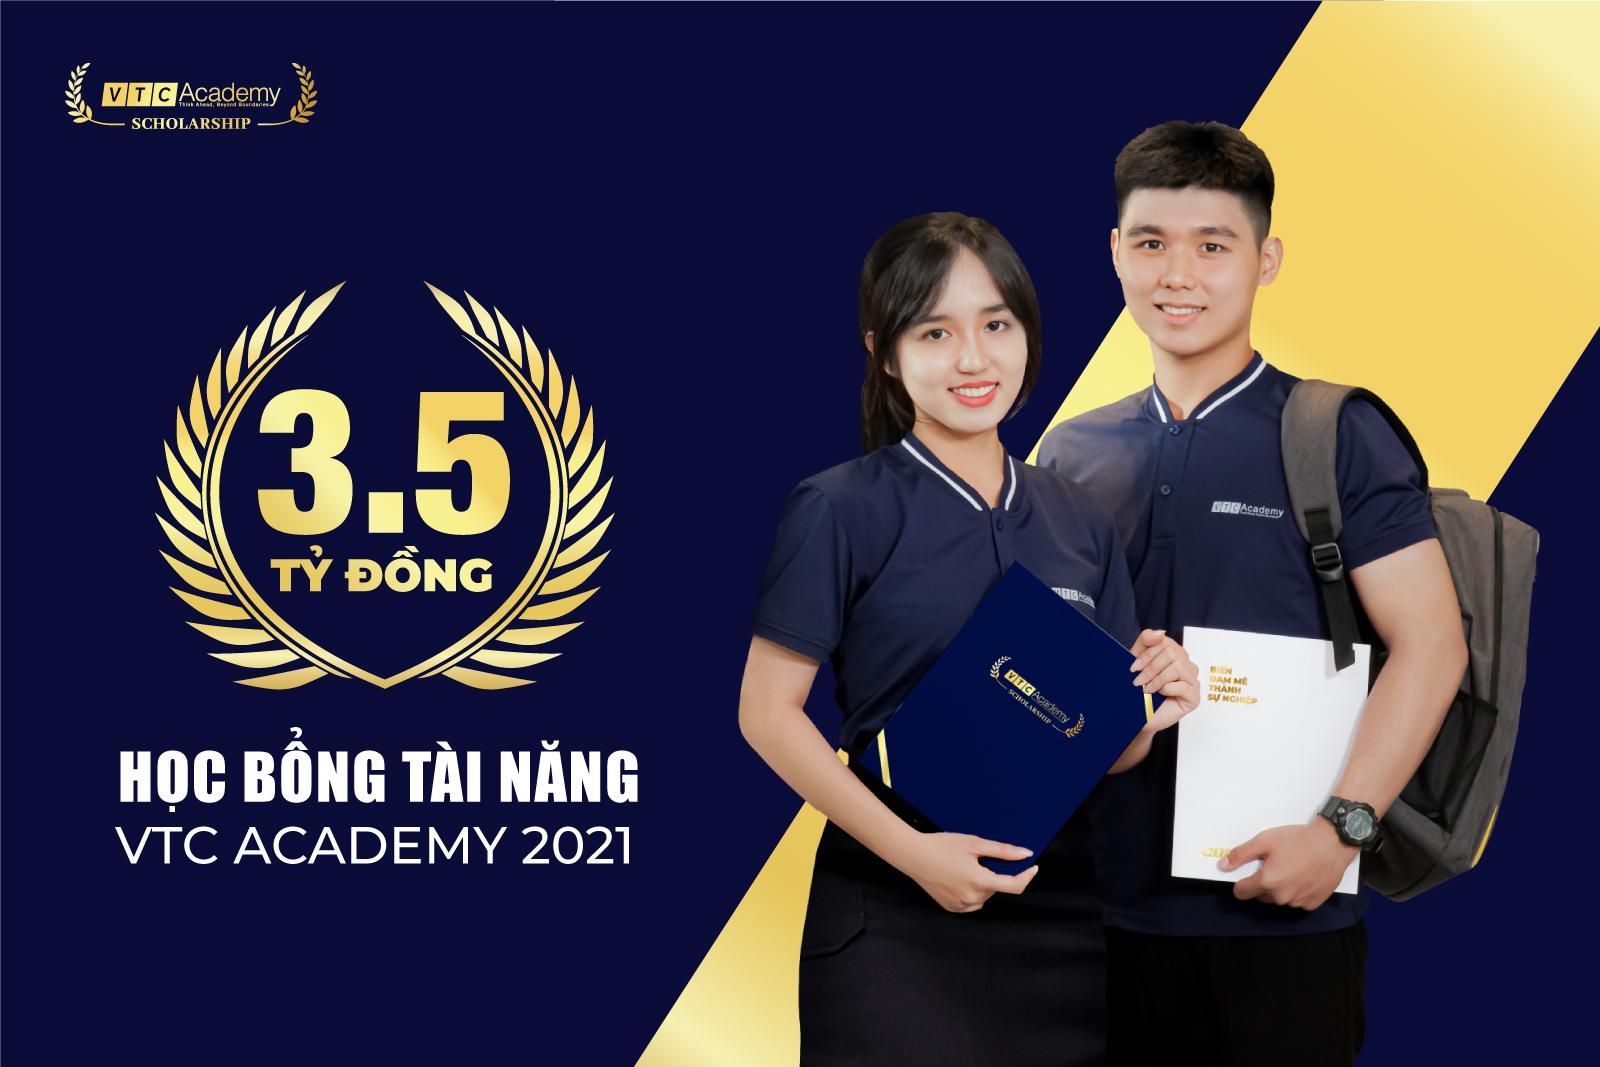 """VTC Academy khởi động chương trình """"Học bổng Tài năng 2021"""" tổng trị giá 3,5 tỷ đồng"""